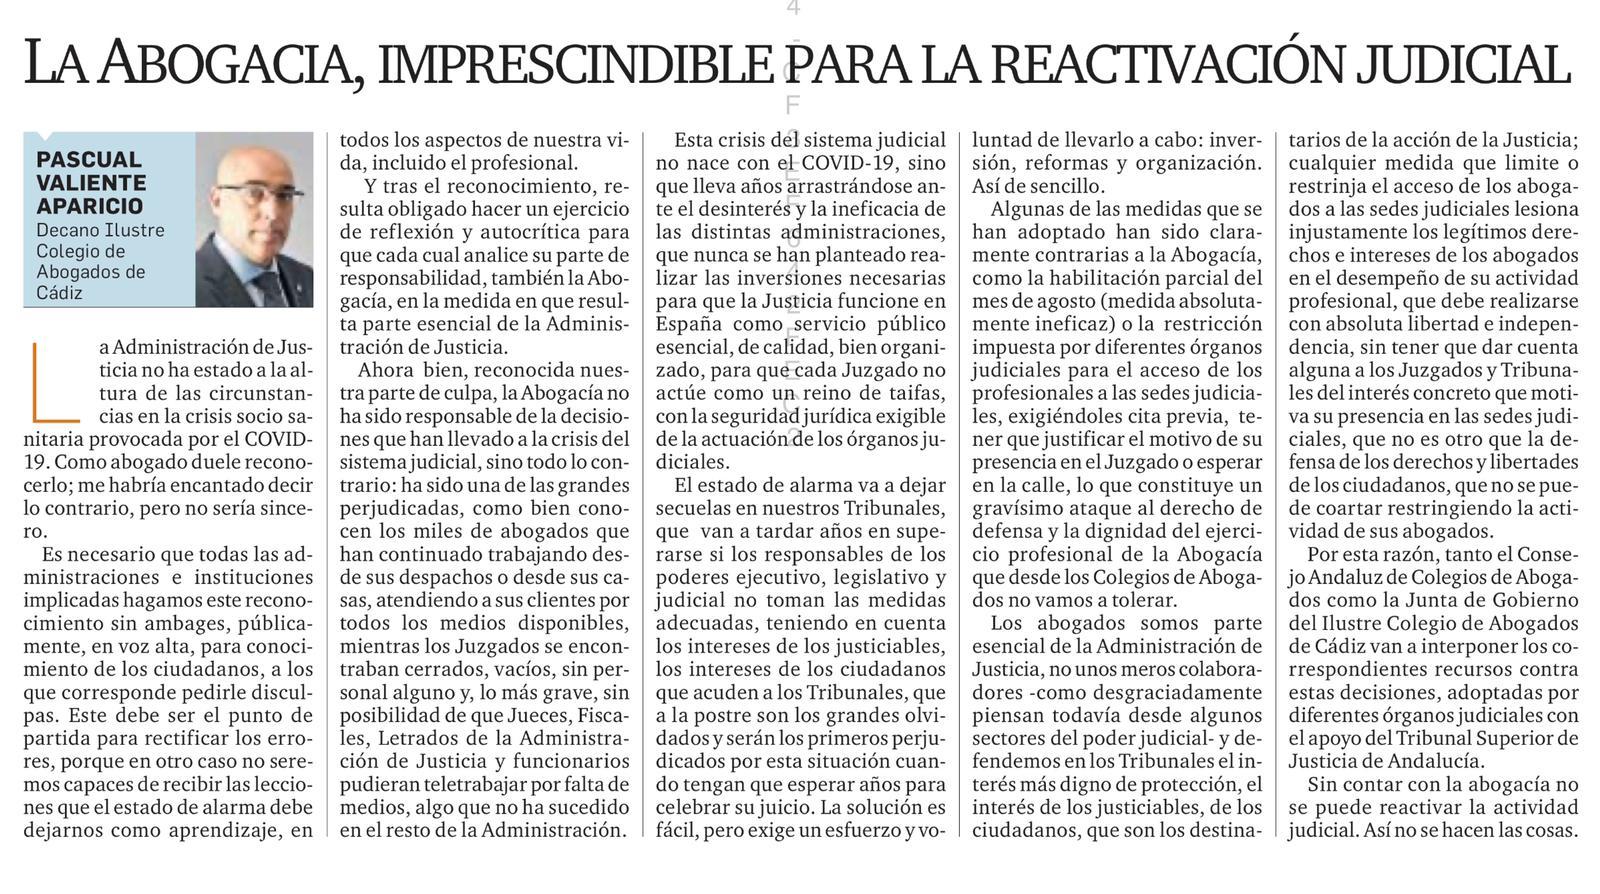 """Artículo De Opinión: """"La Abogacía, Imprescindible Para La Reactivación Judicial"""""""